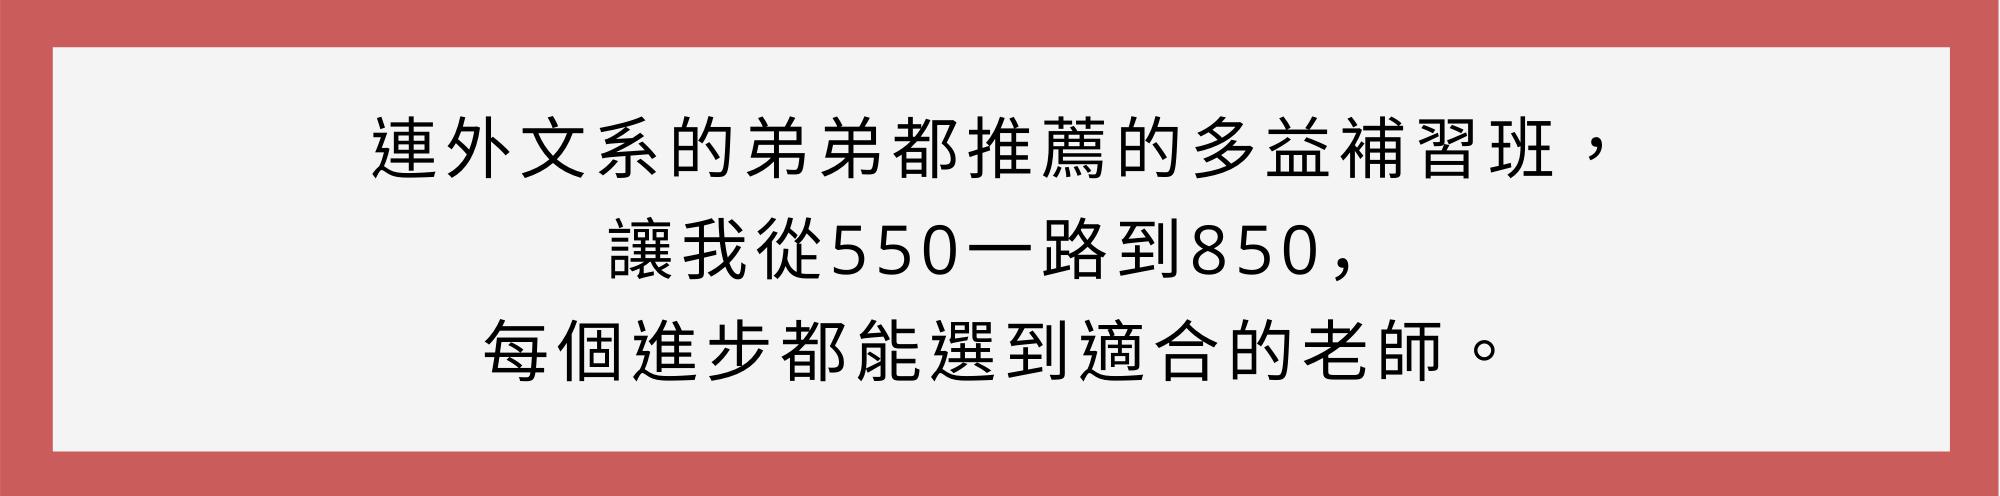 連外文系的弟弟都推薦的多益補習班,讓我從550一路到850,每個進步都能選到適合的老師。